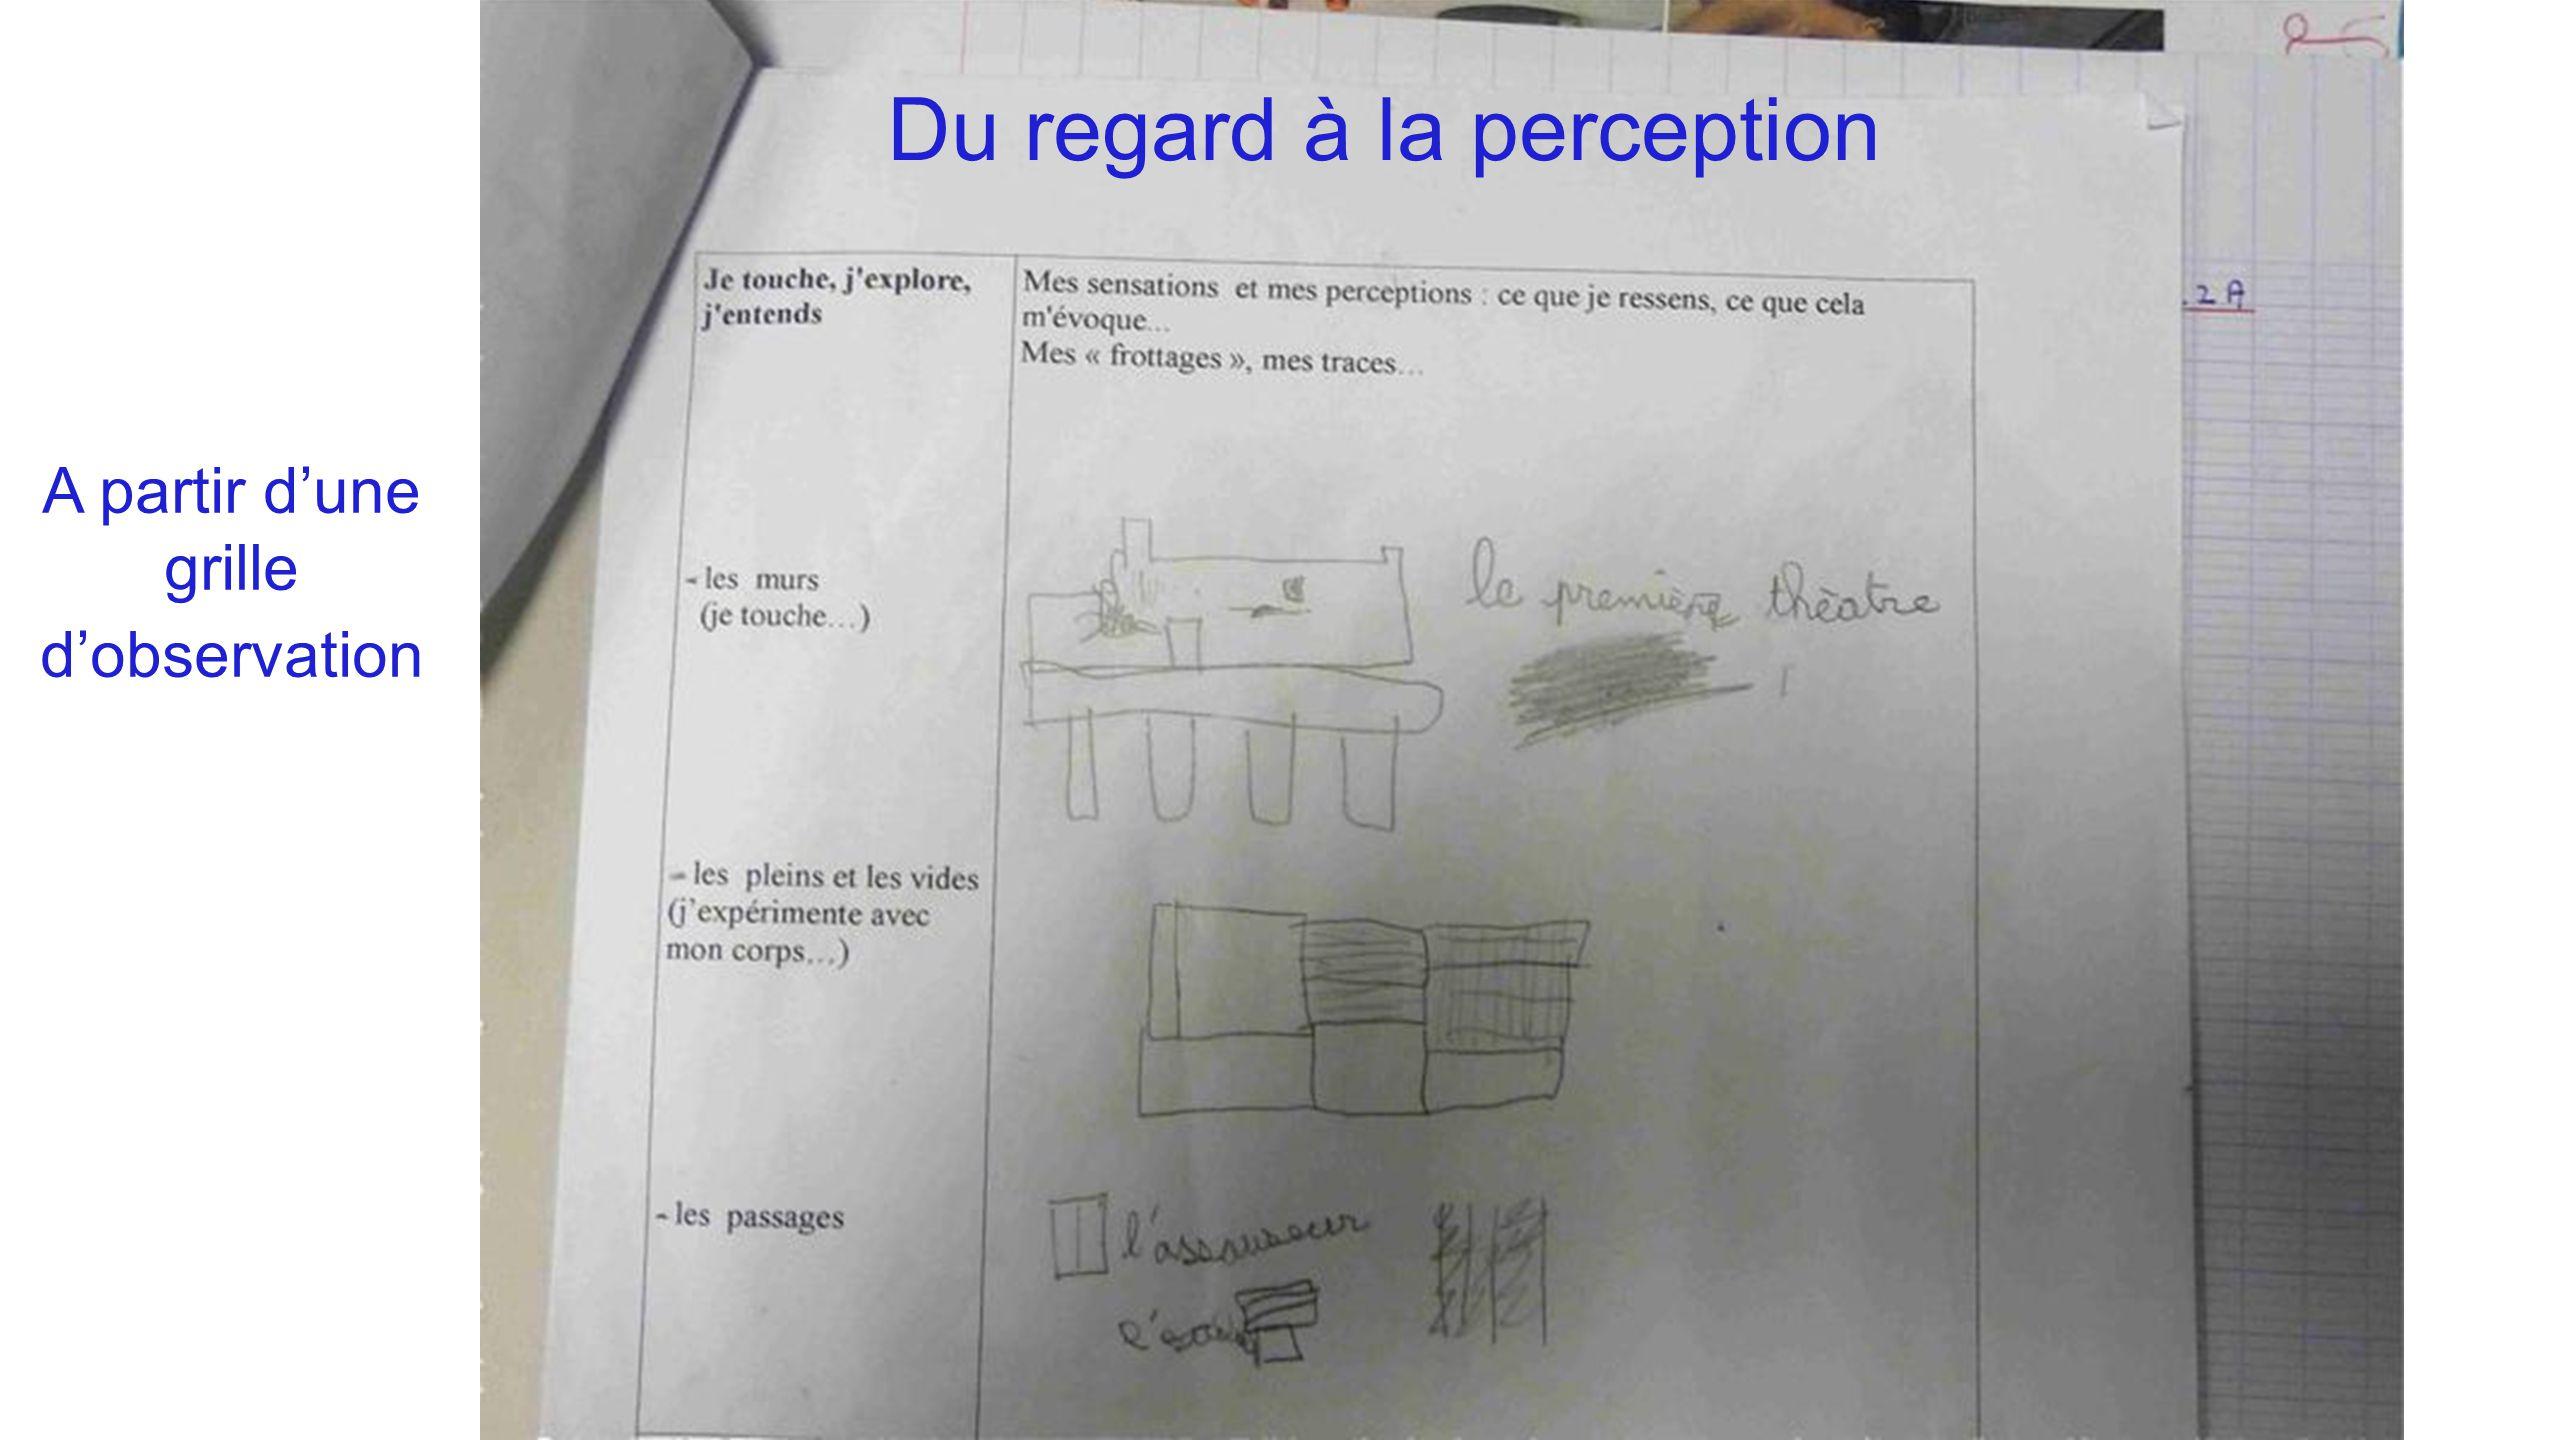 A partir d'une grille d'observation Du regard à la perception